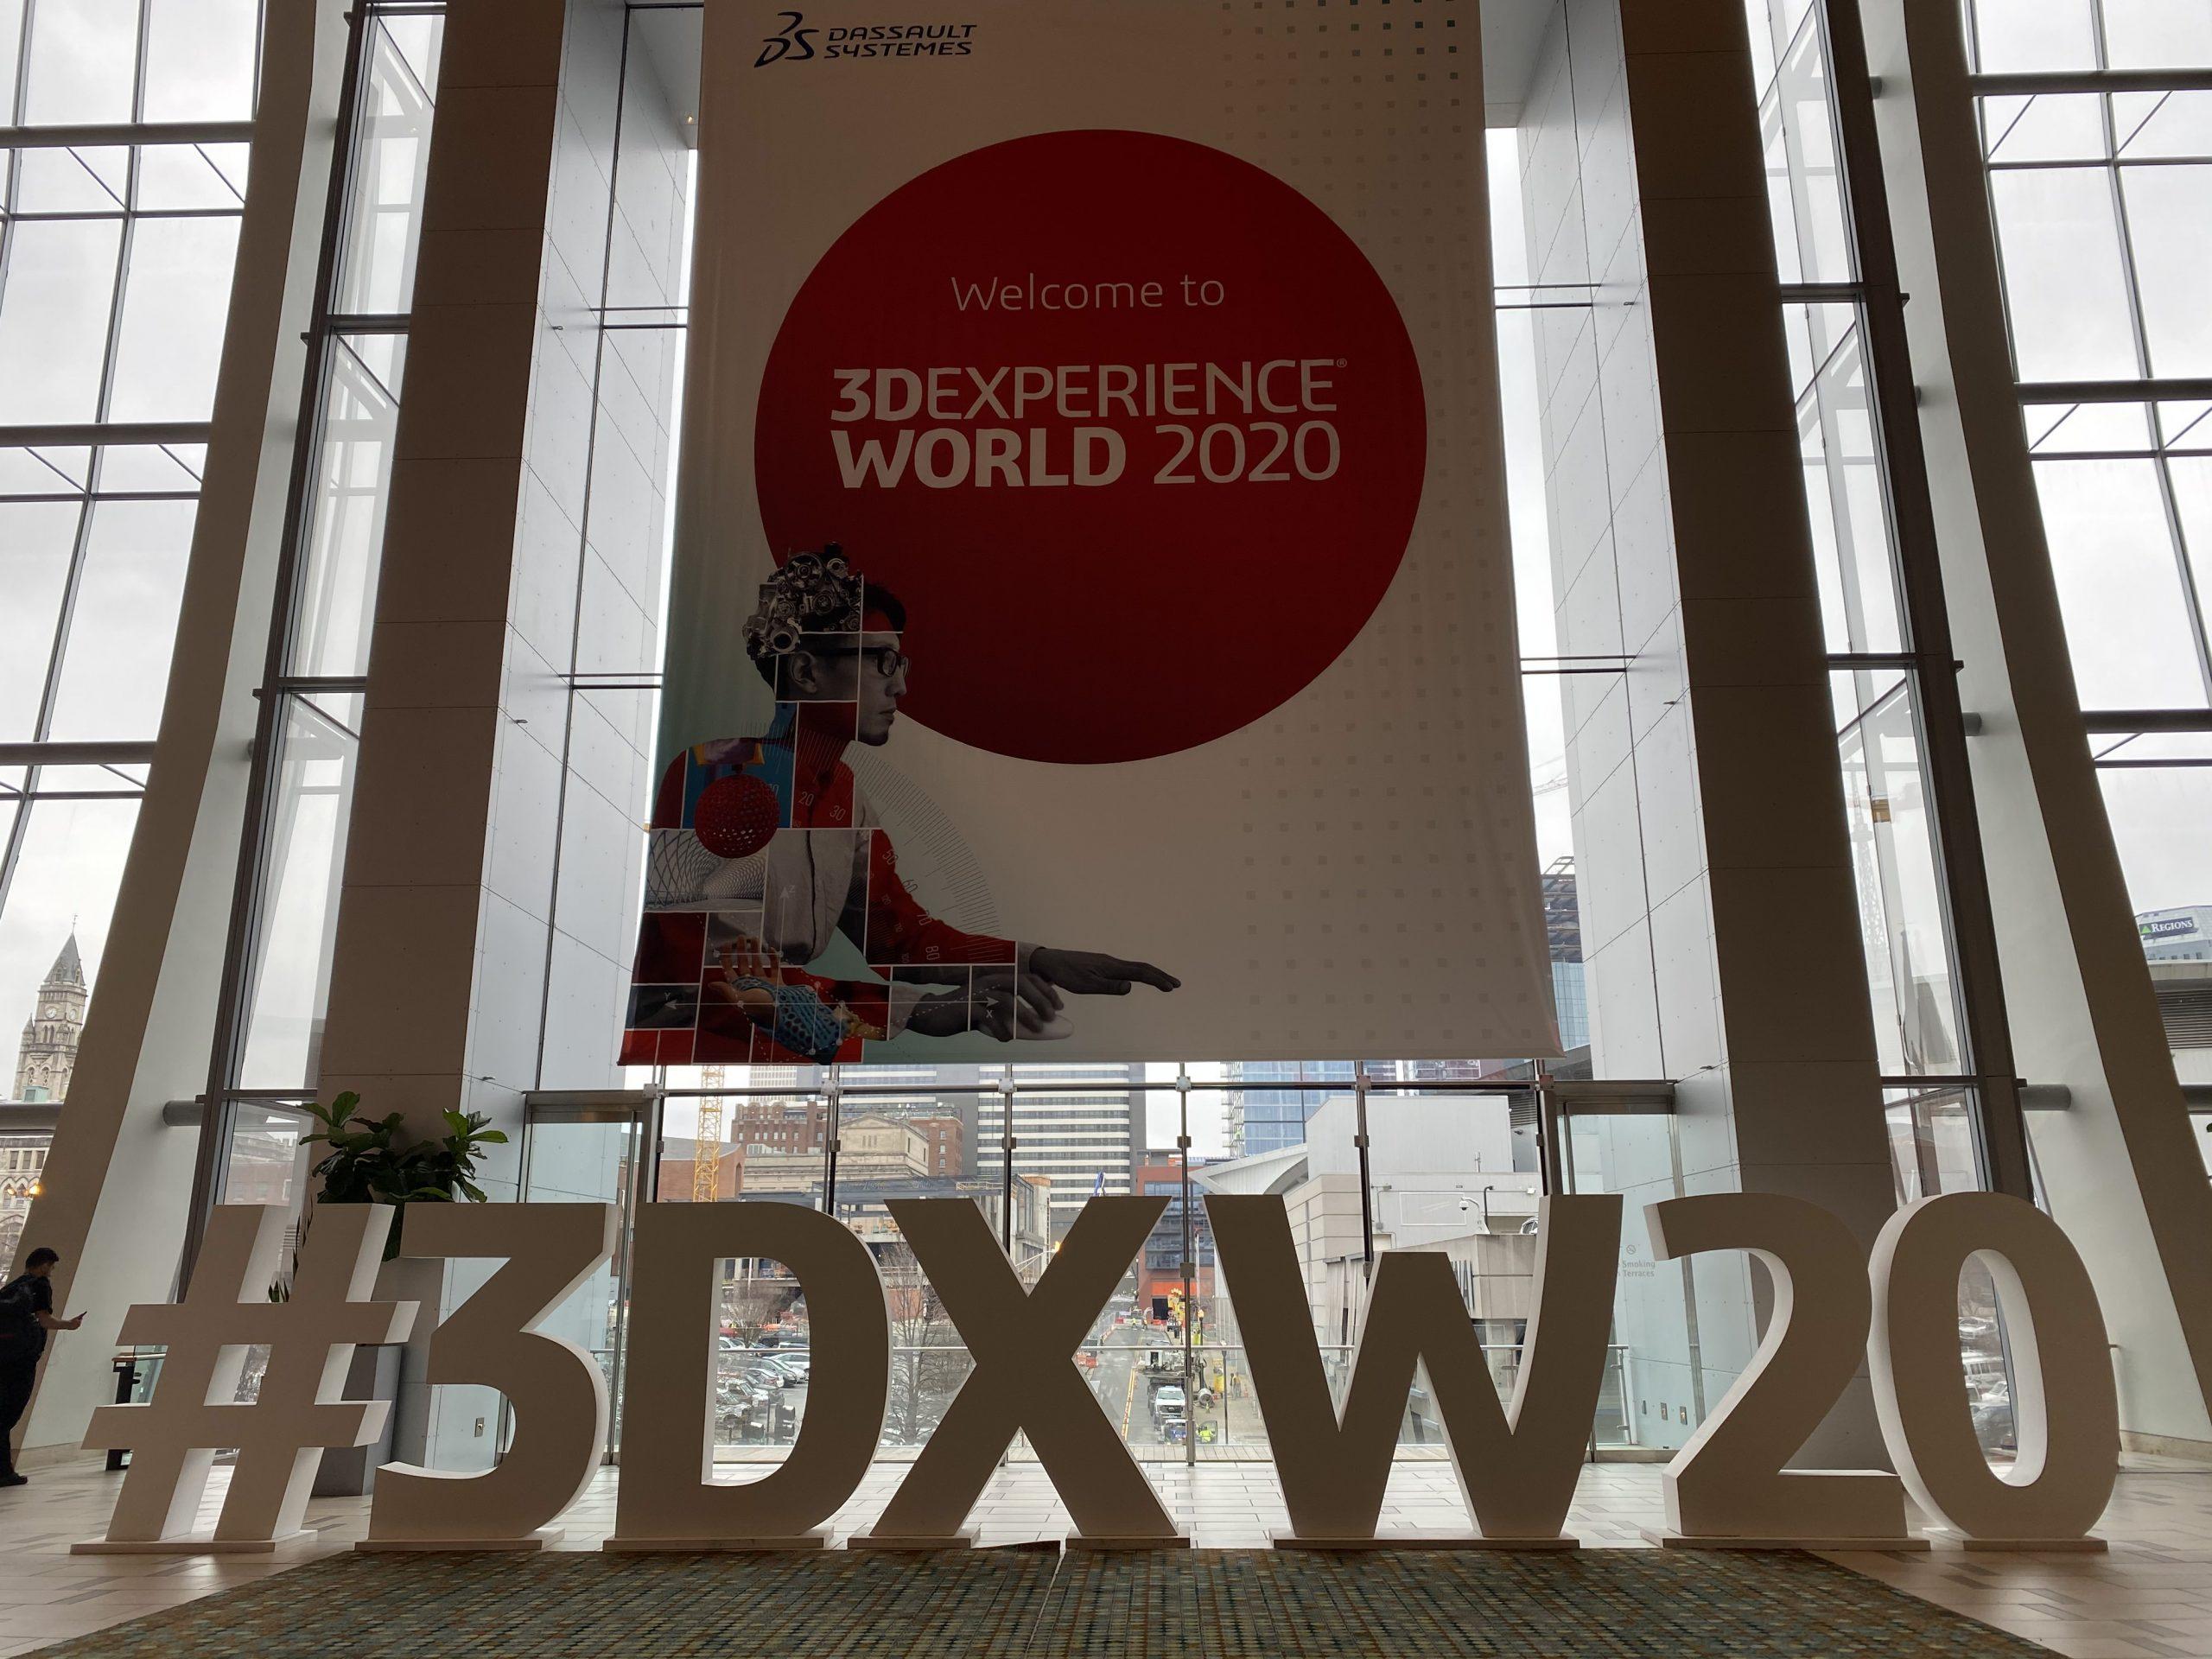 Último dia do 3DEXPERIENCE WORLD 2020 foca no incentivo aos estudantes